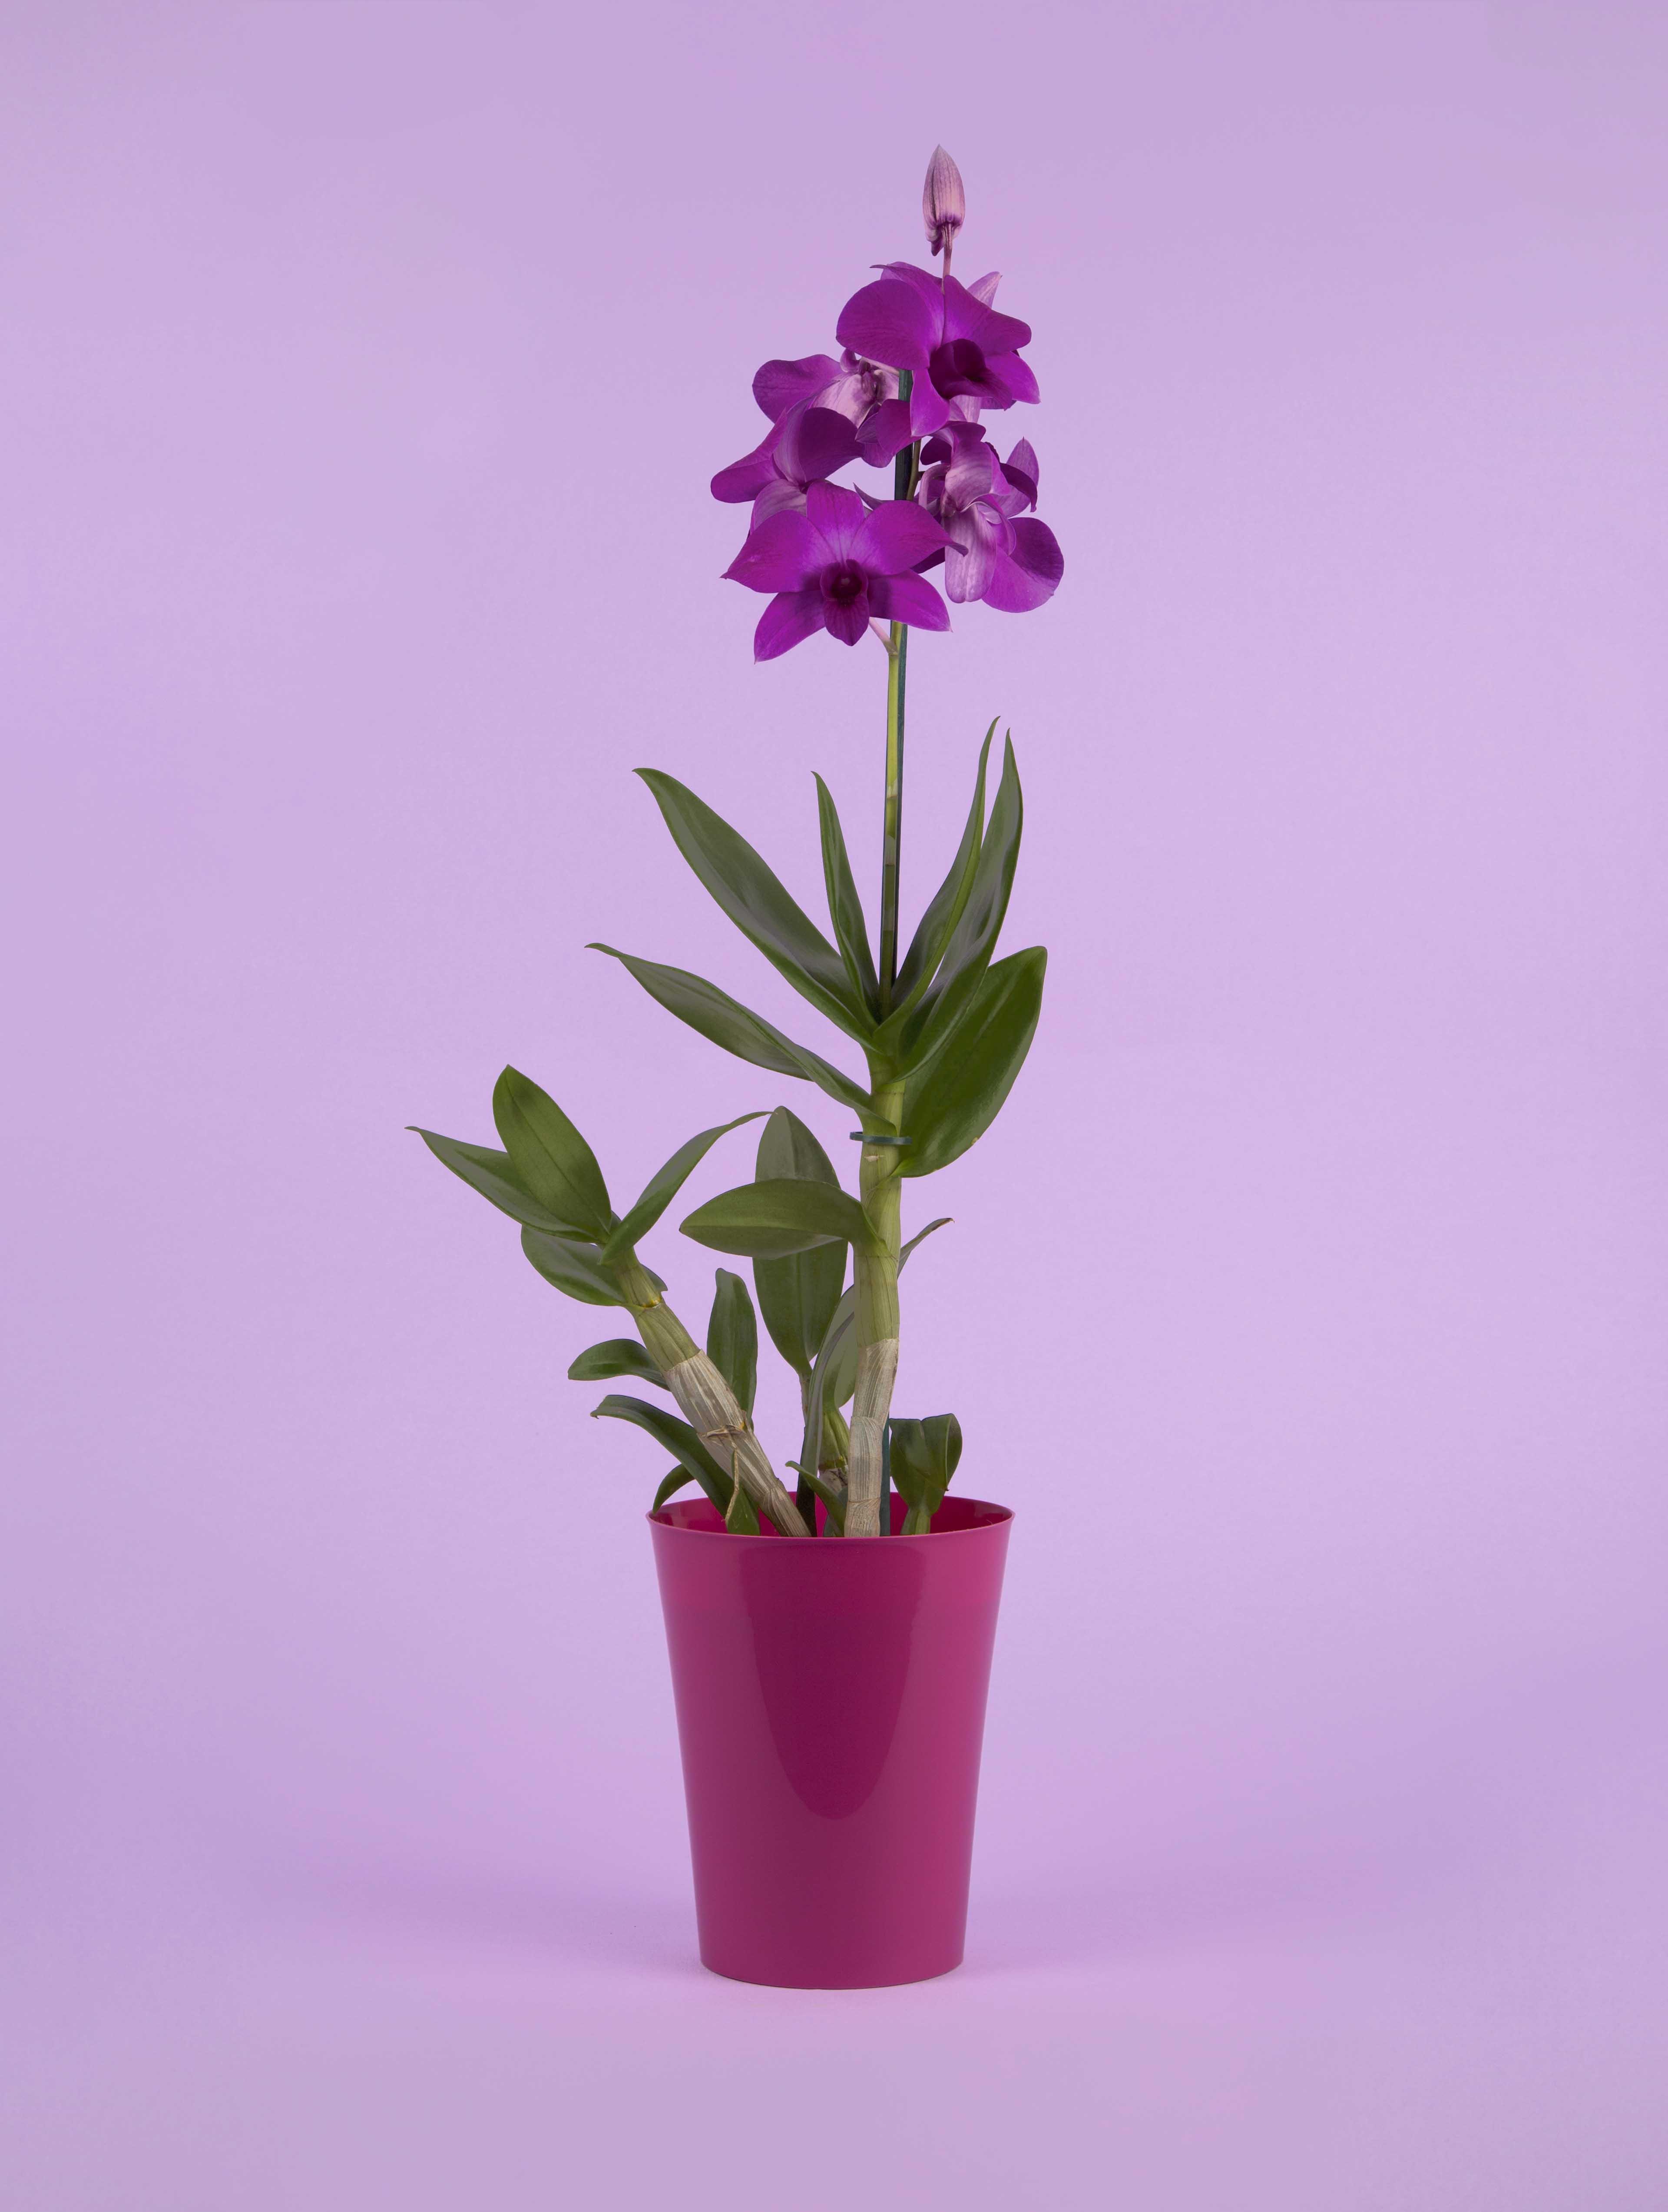 Dendrobium Phalaenopsis - orchidée violette